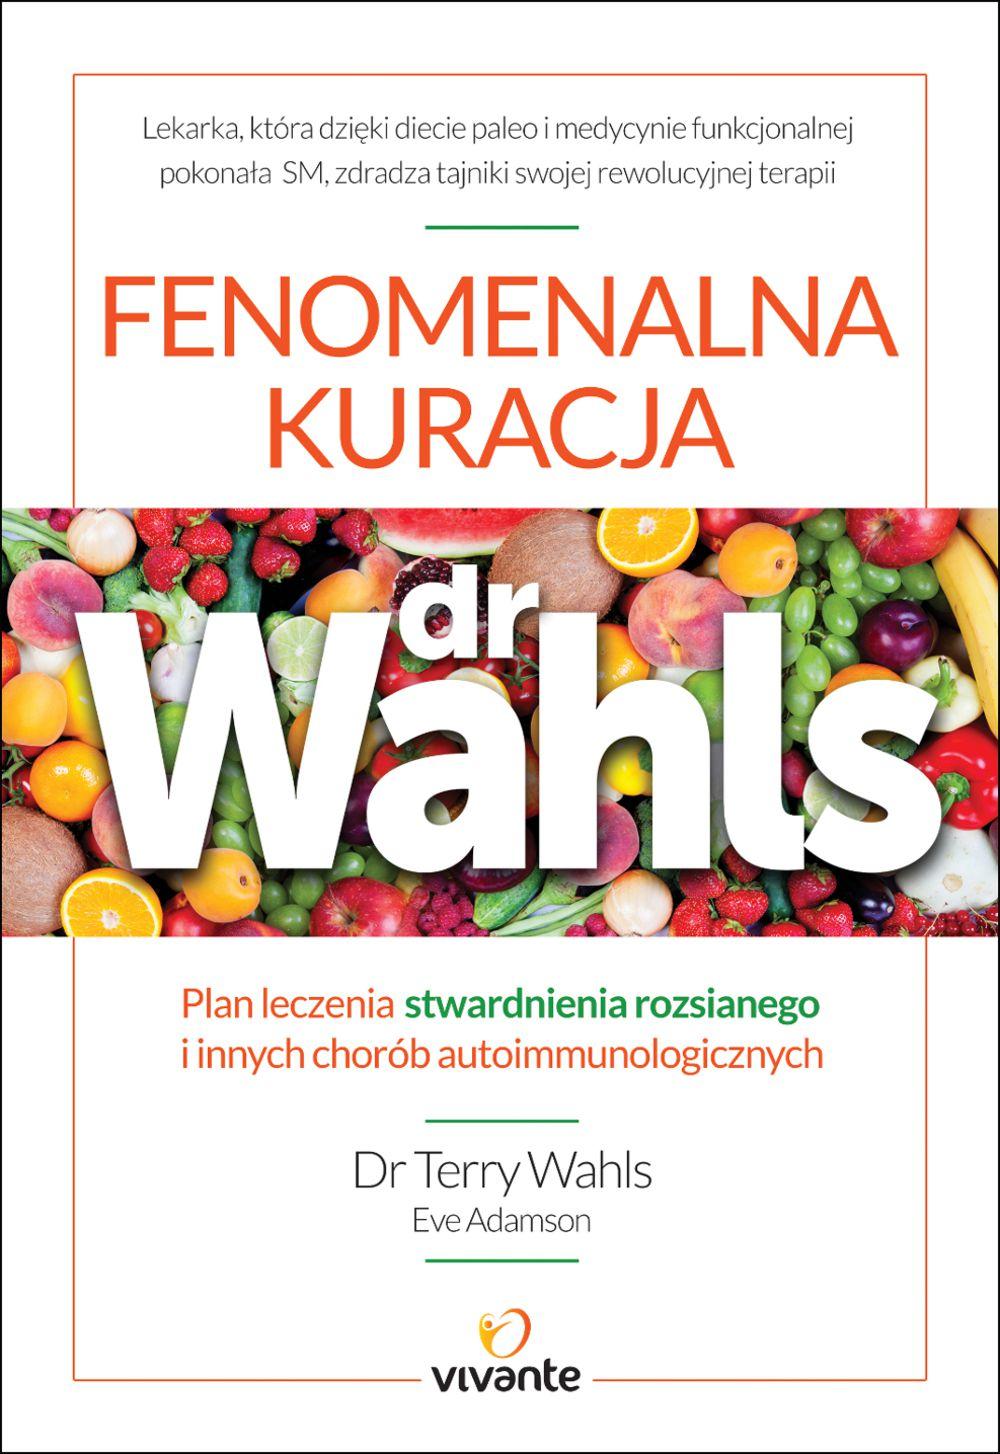 Fenomenalna kuracja dr Wahls. Plan leczenia stwardnienia rozsianego i innych chorób autoimmunologicznych - Ebook (Książka na Kindle) do pobrania w formacie MOBI